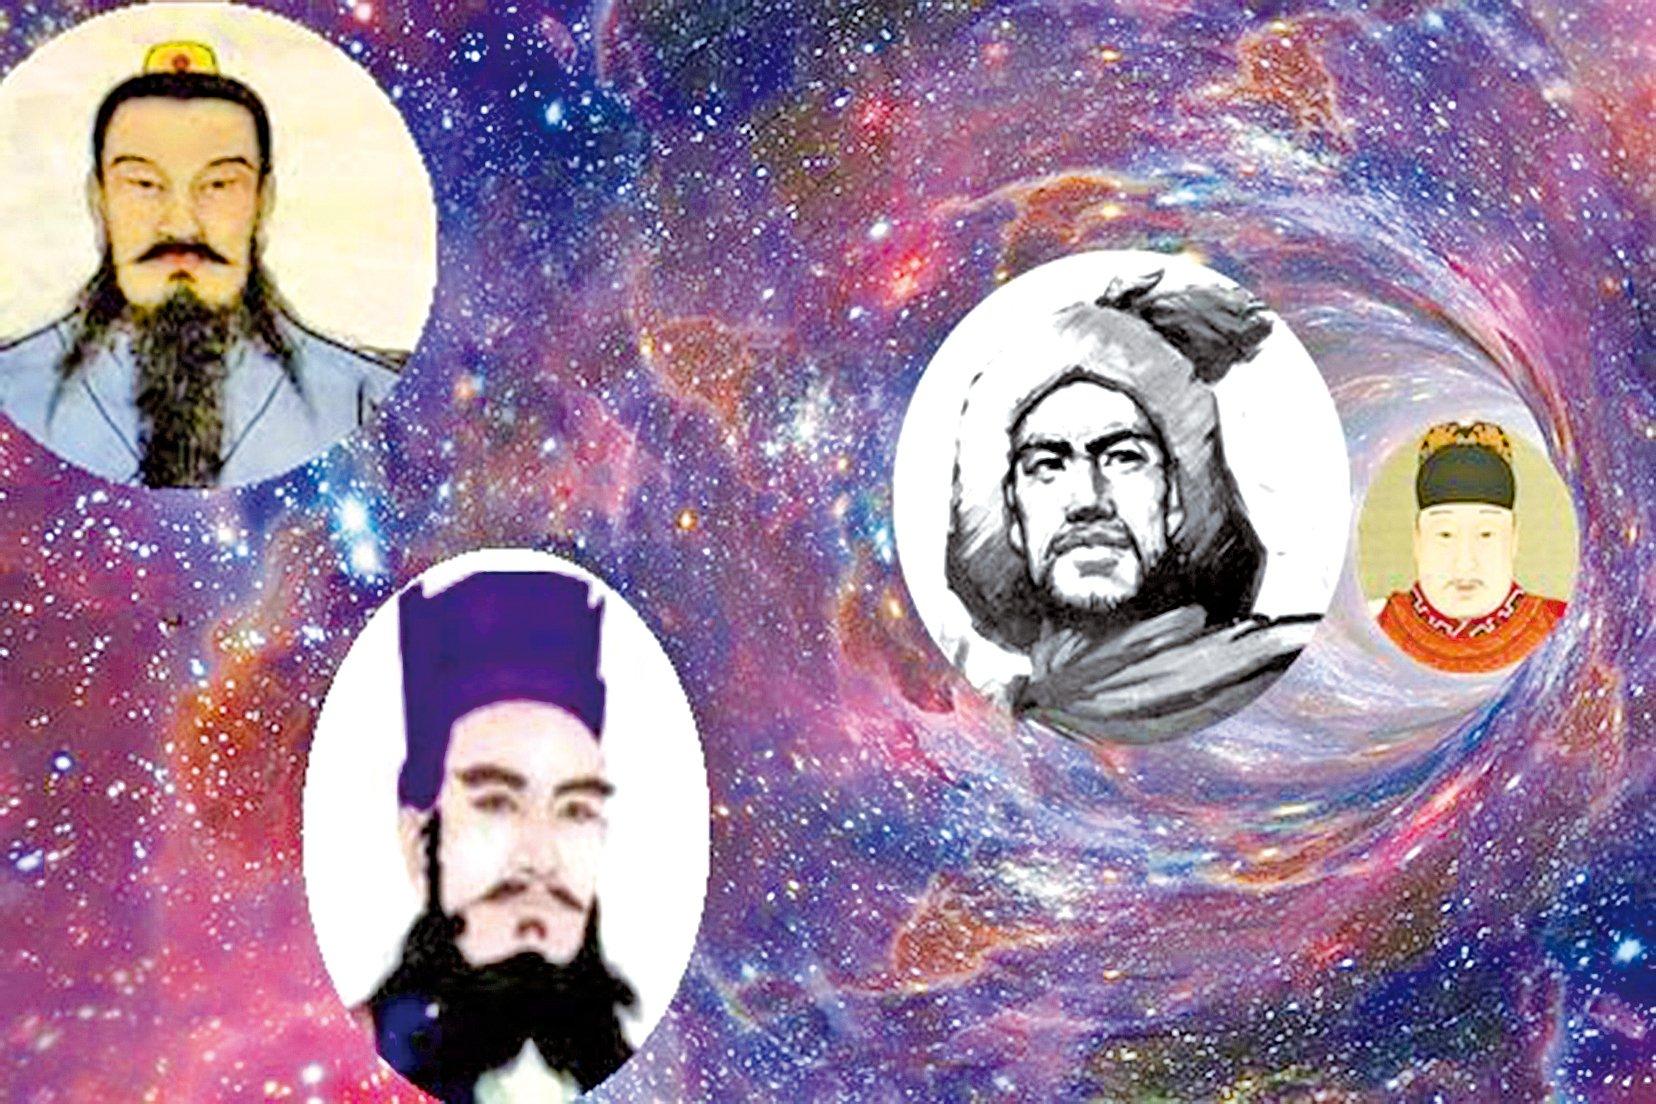 歷史上七位神秘消失的名人,至今無人知曉(圖片:希望之聲合成)